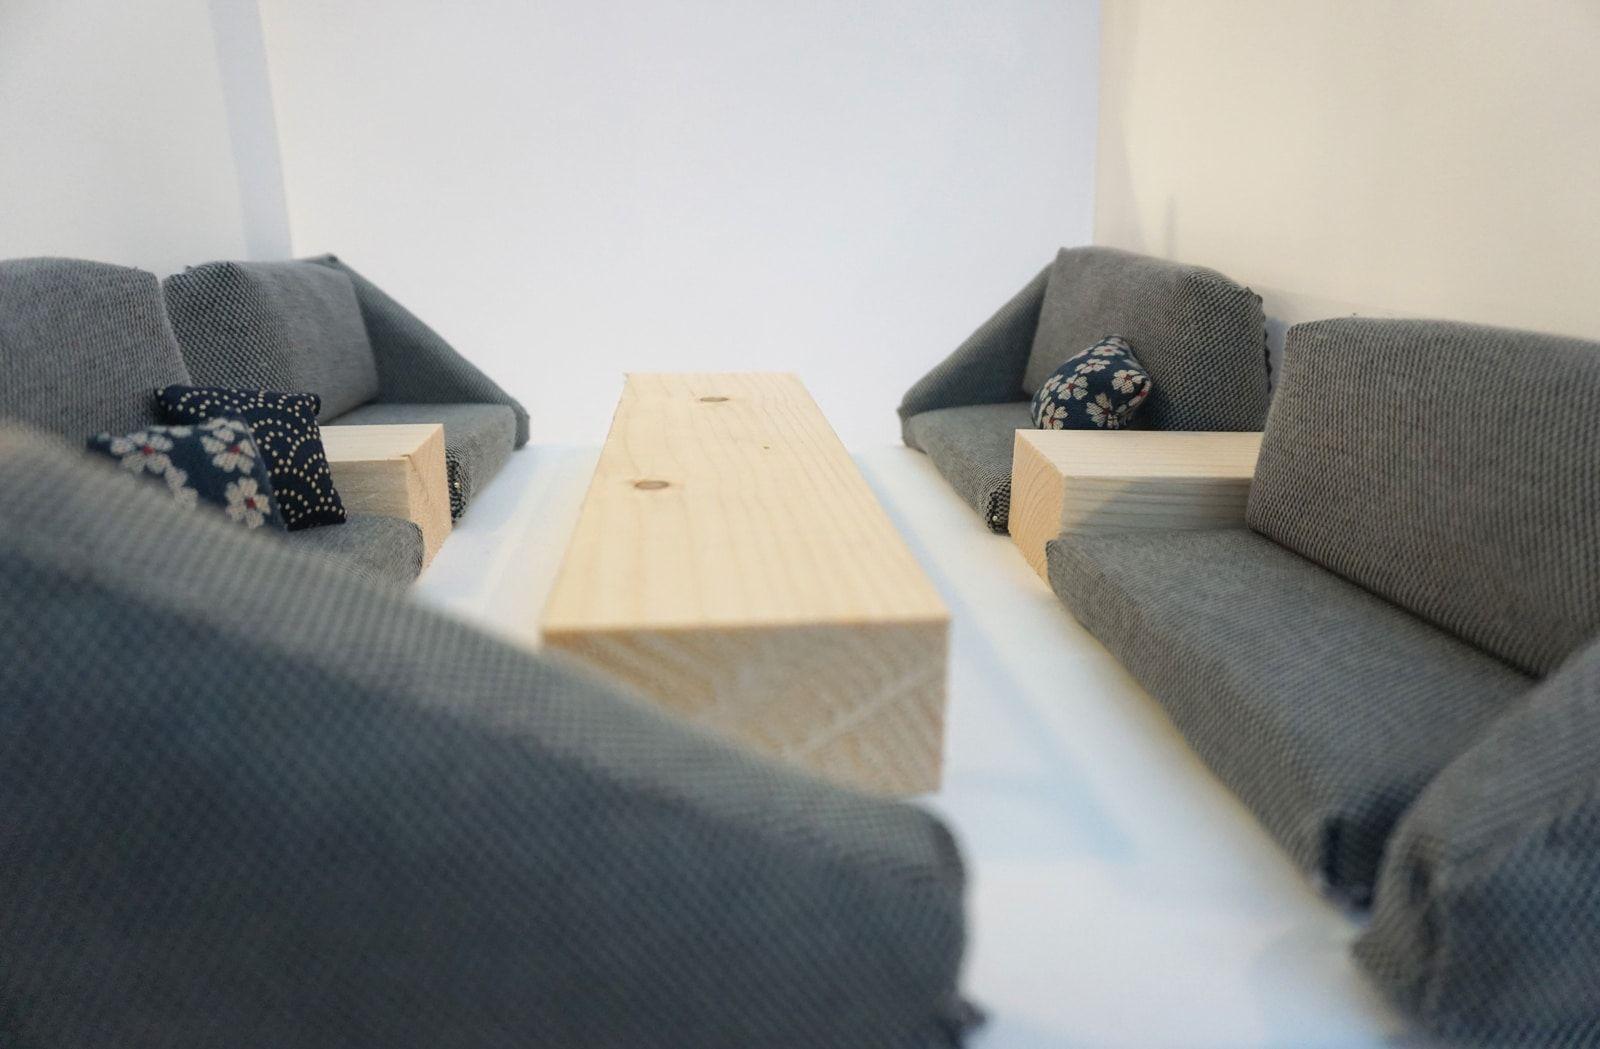 Maquette banquette basse miniature – Amenagement tapisserie Hana Bento – Mezzanine rue de Paradis